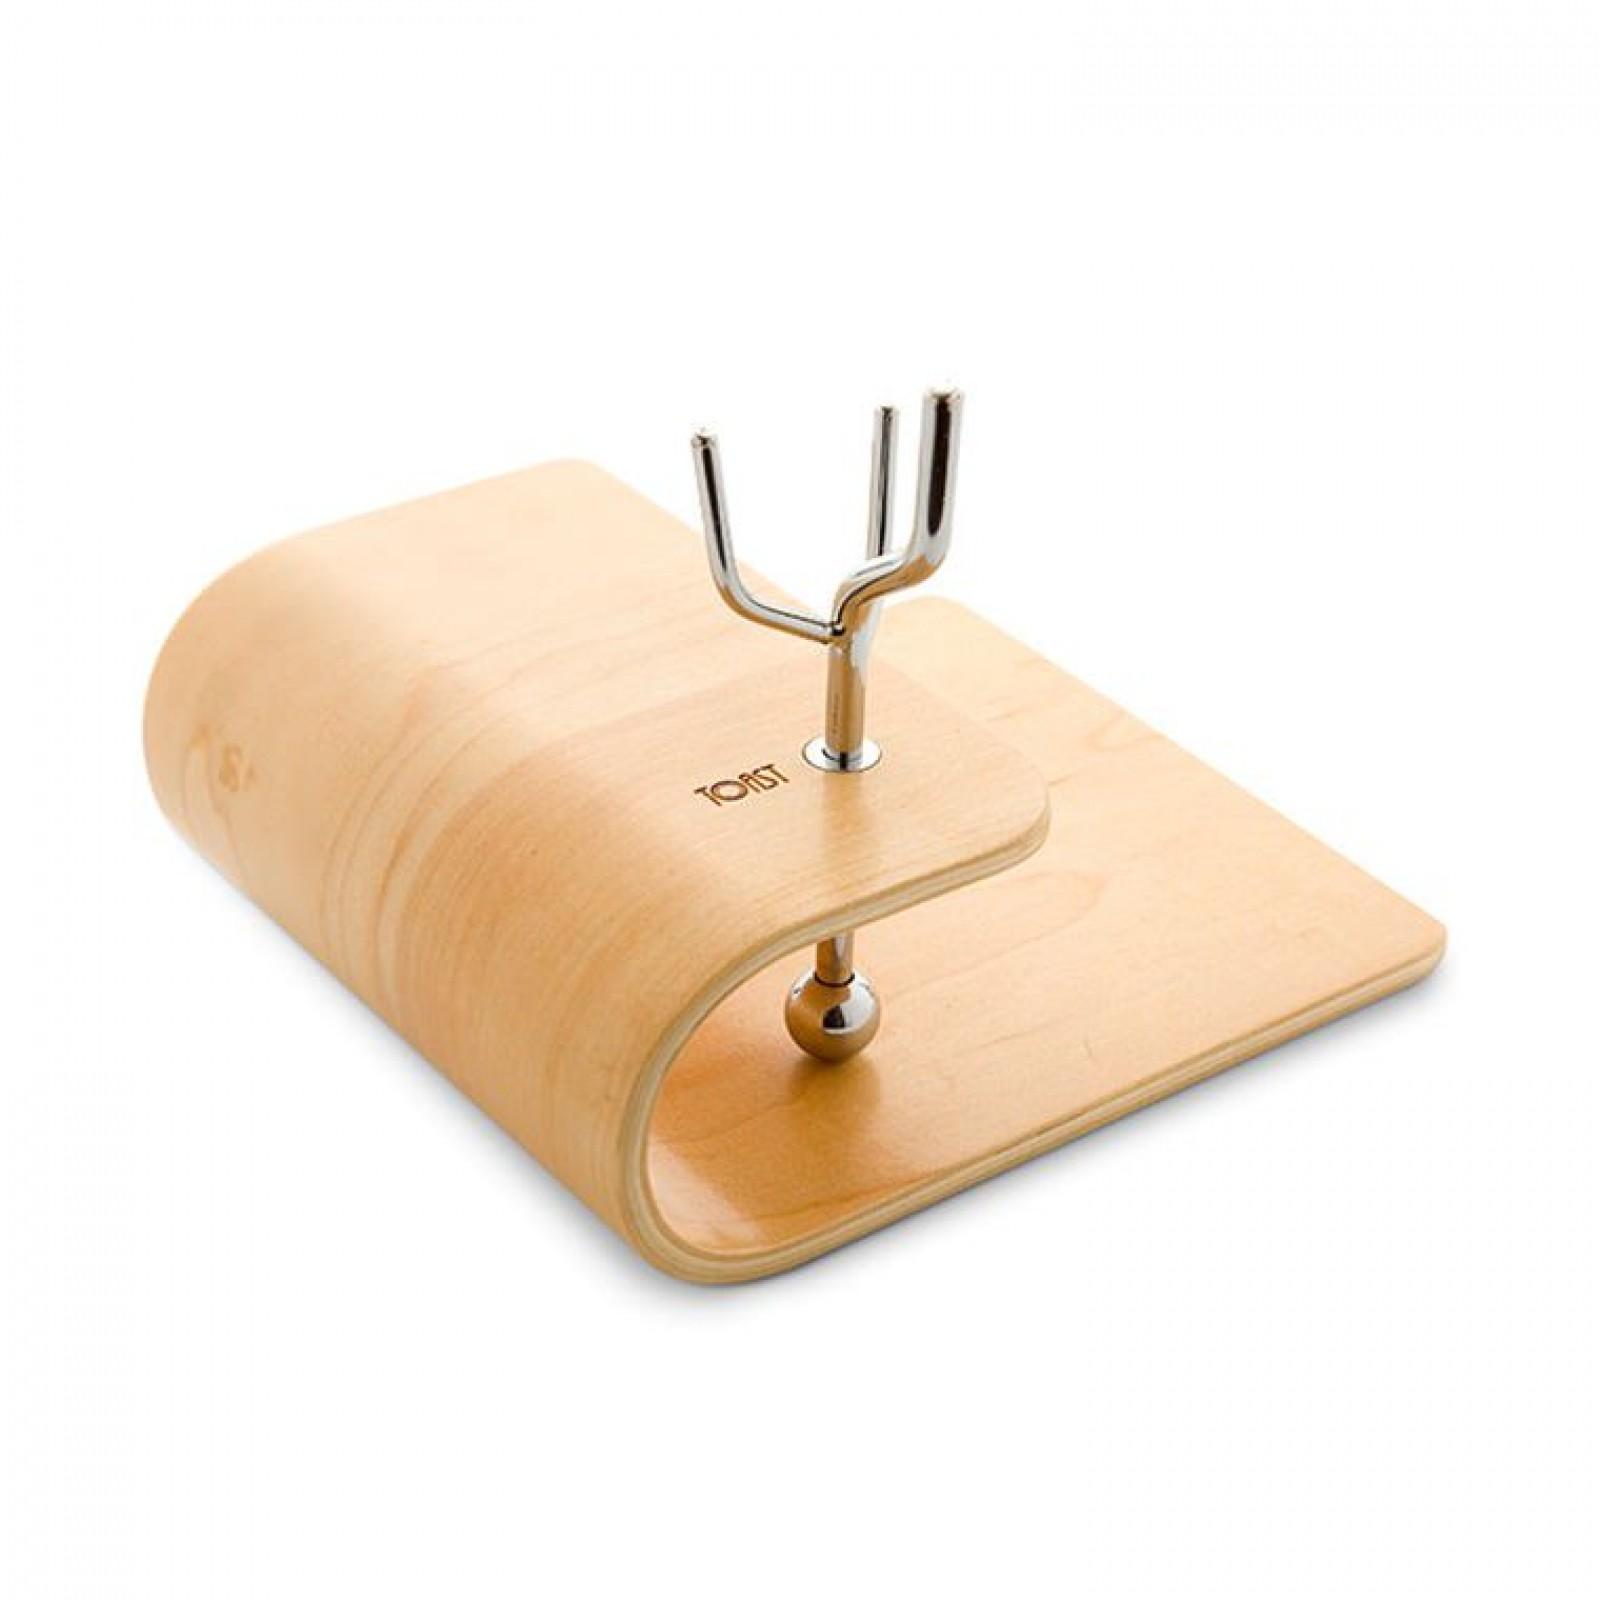 Θήκη για Χαρτοπετέτες Woods - Toast Living